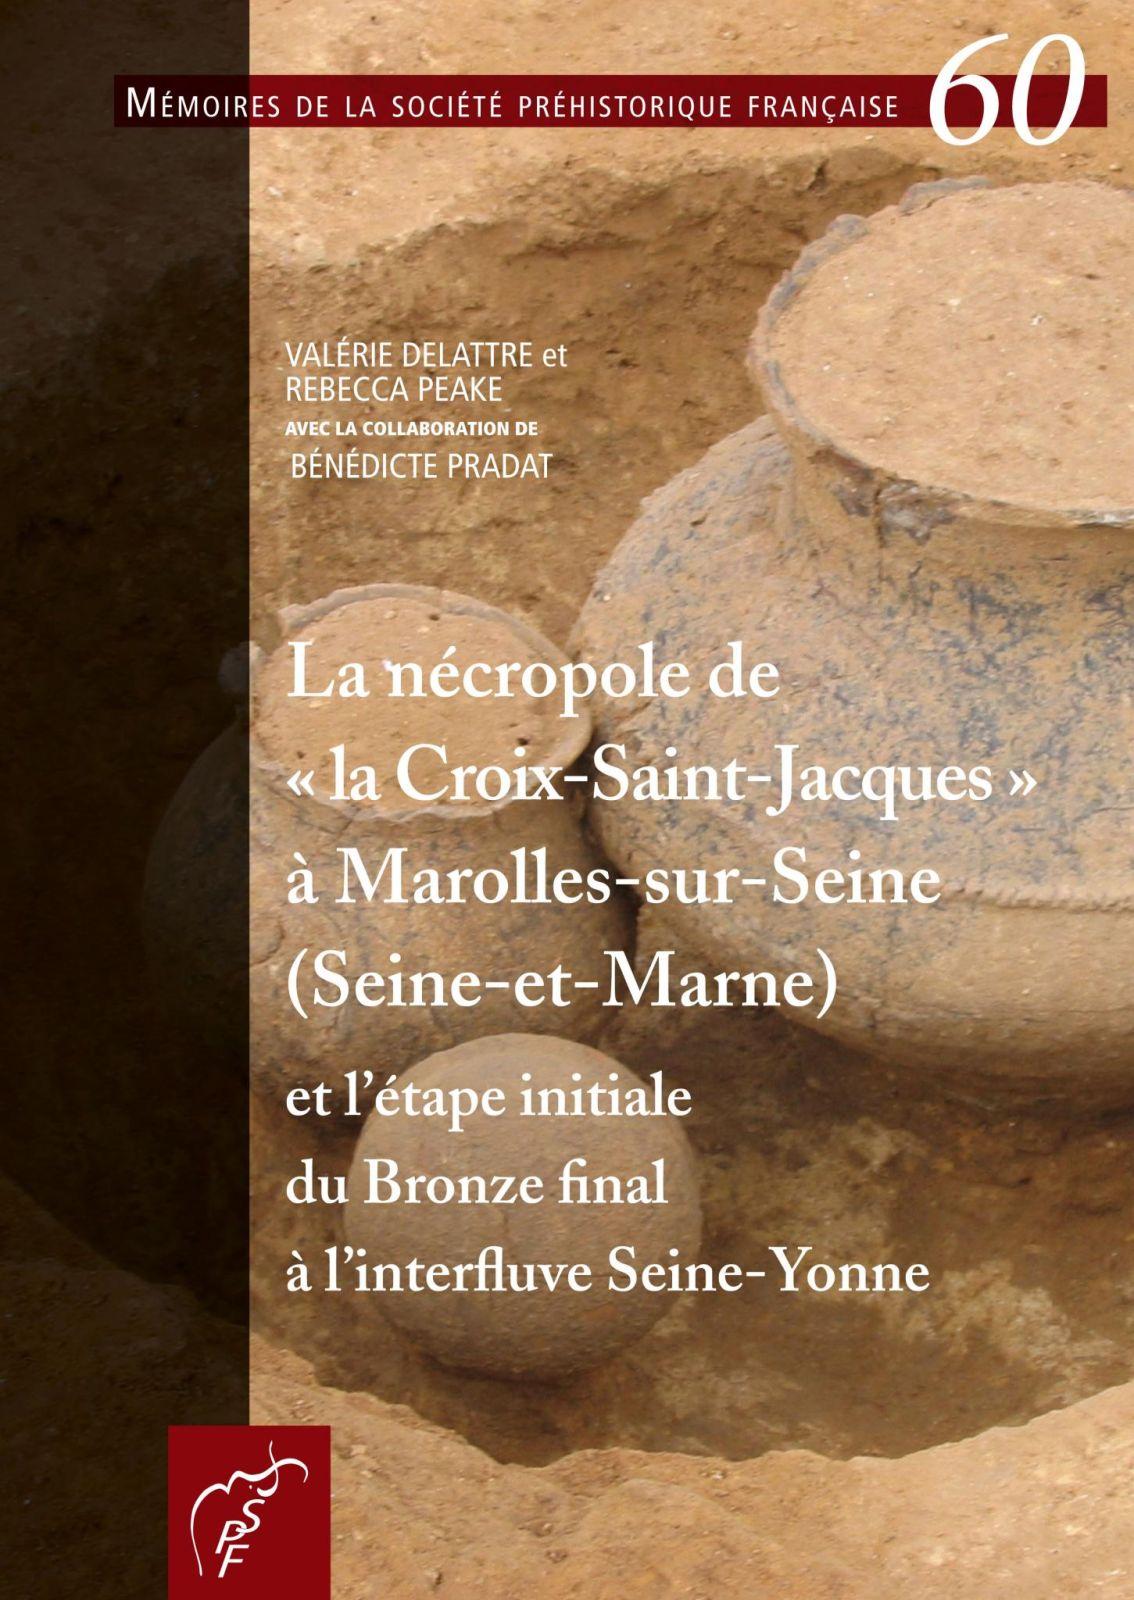 La nécropole de la Croix-Saint-Jacques à Marolles-sur-Seine (couverture de publication)